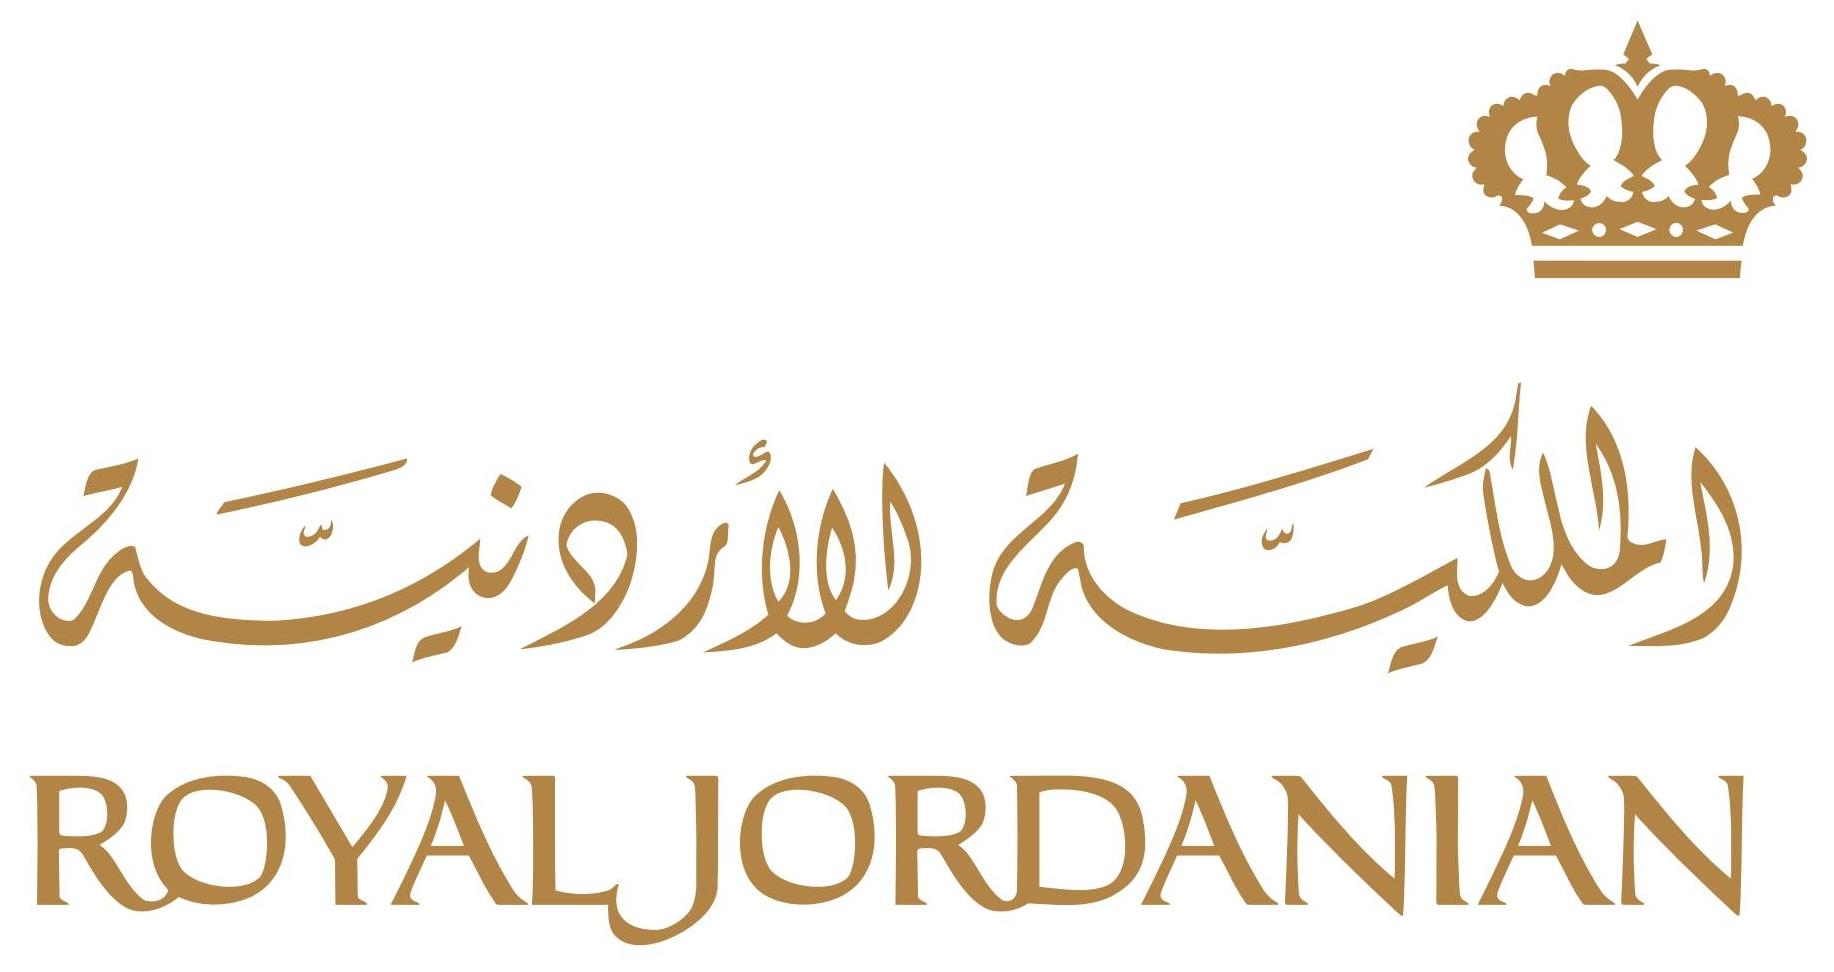 Risultato immagine per royal jordanian